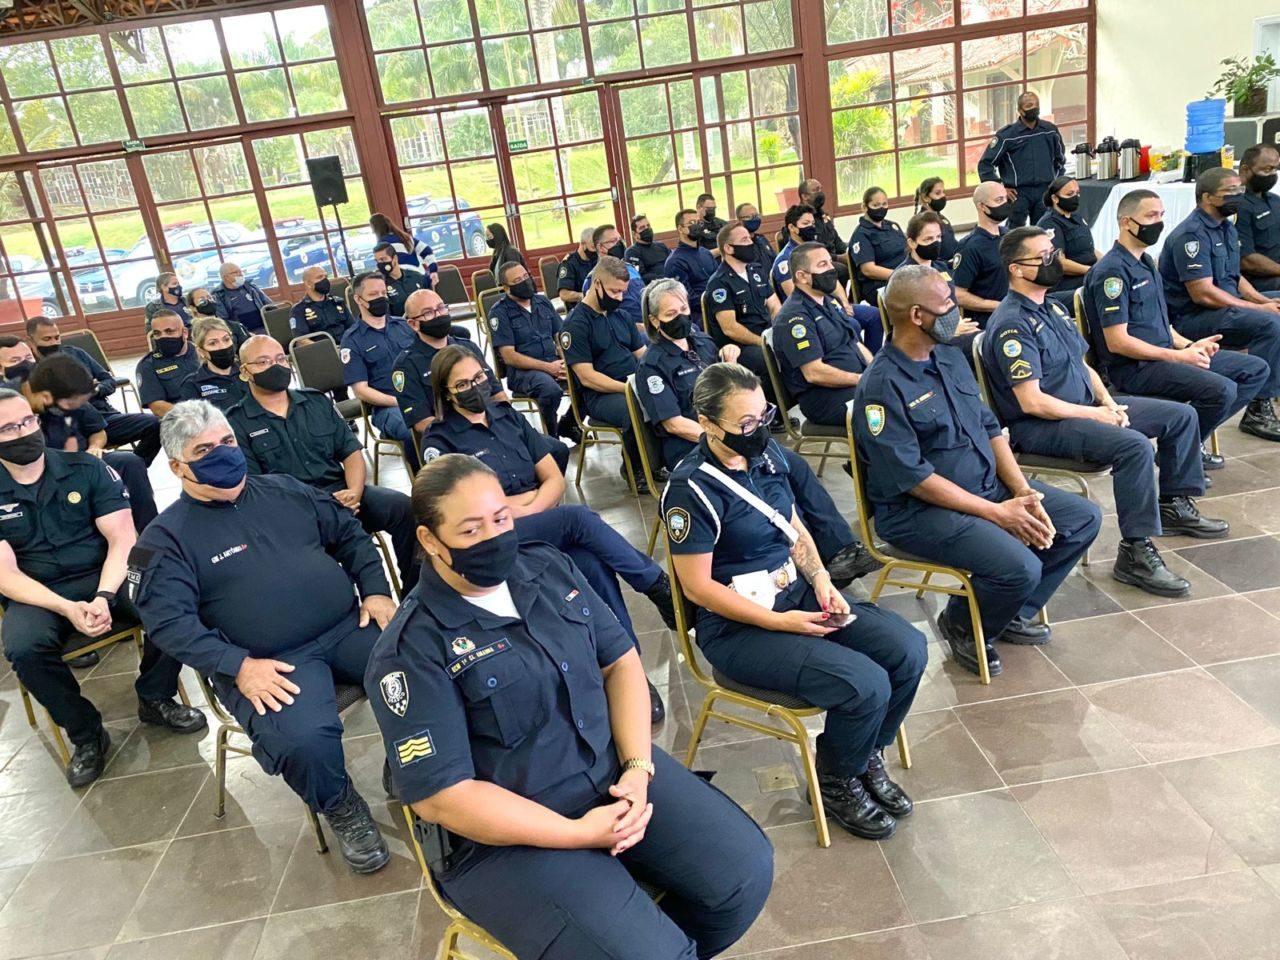 Homens e mulheres com máscaras e uniformes policiais sentados em fileiras de cadeiras em salão amplo, com portas e janelas de vidro ao fundo